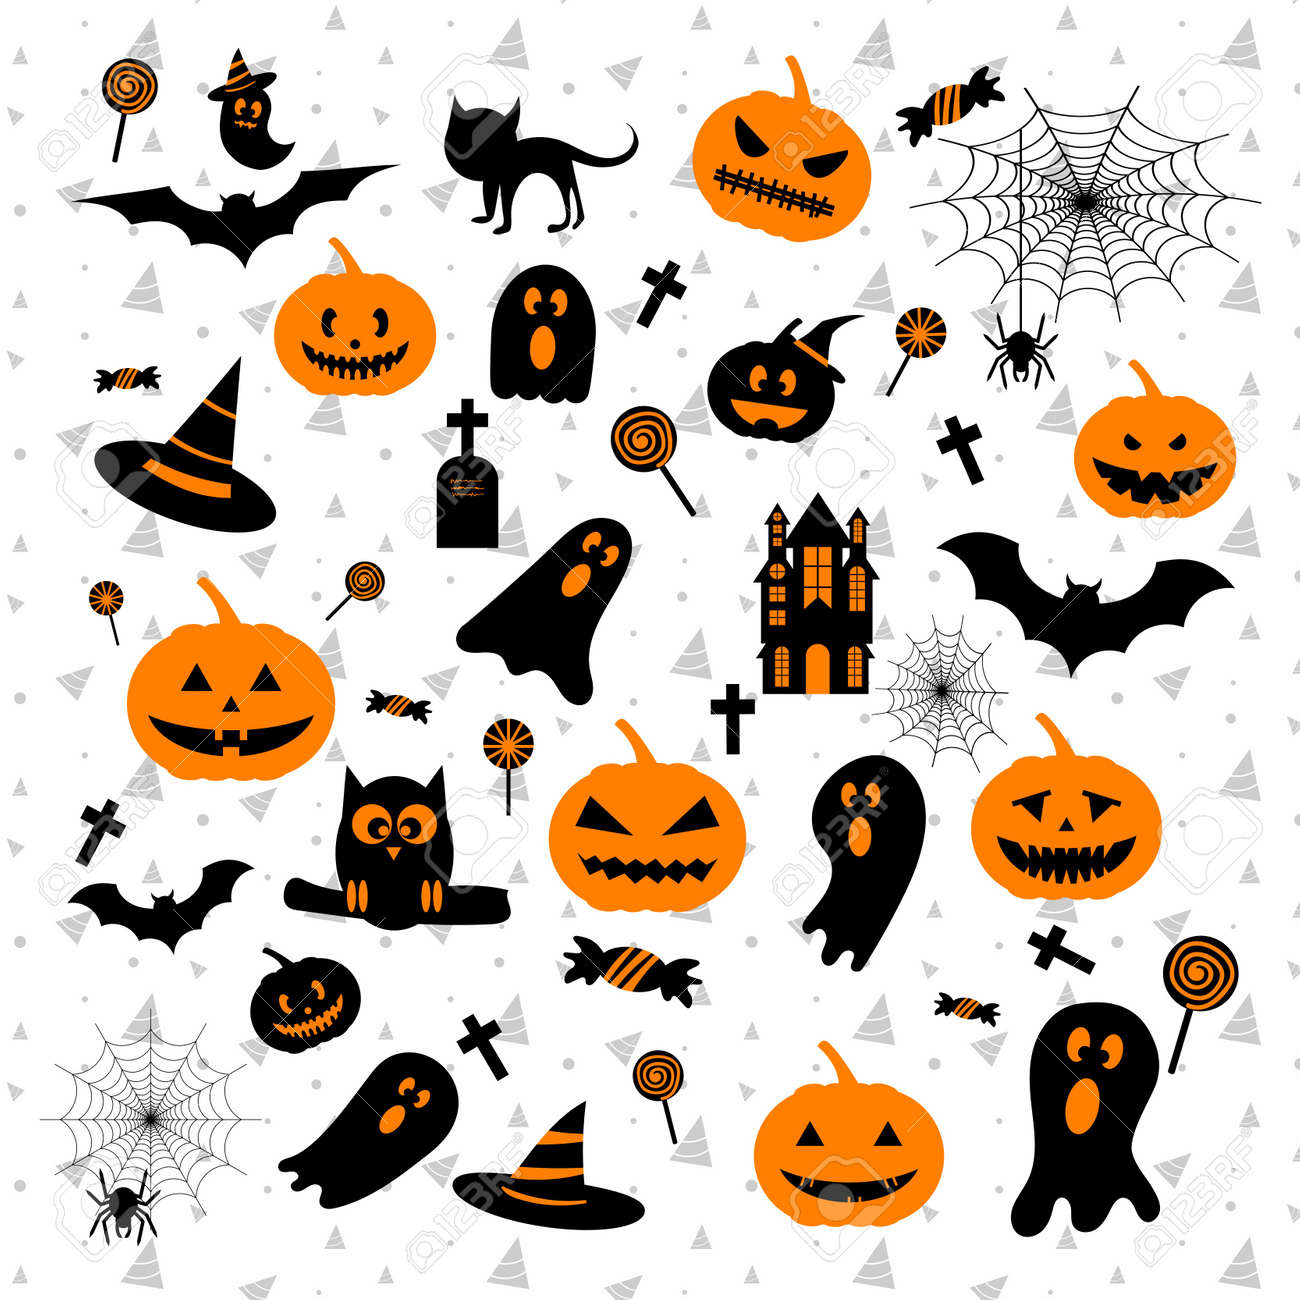 Léments De Conception De Halloween Heureux Avec Citrouille Fantôme Château Chauve Souris Chapeau Toile D Araignée Pour Carte De Voeux Affiche